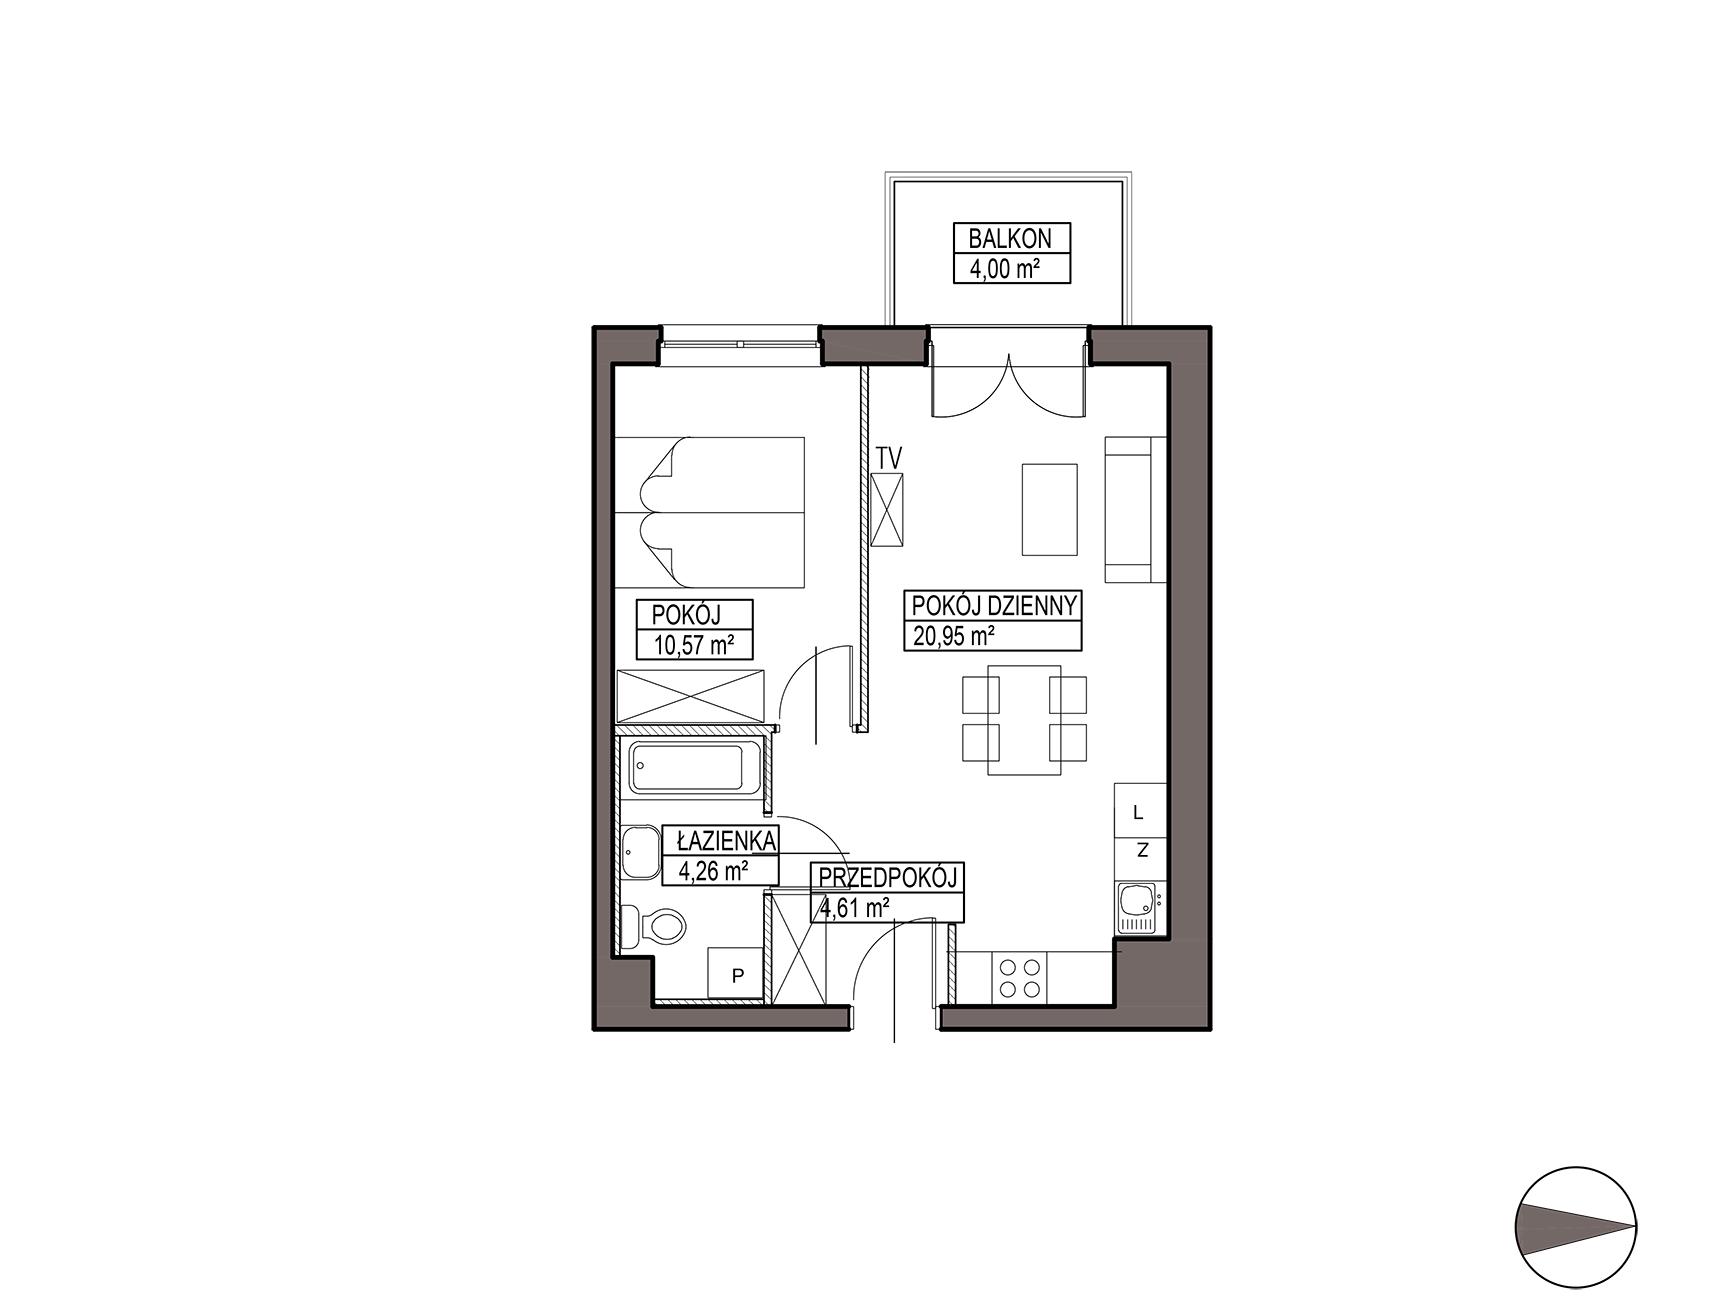 Uroczysko III / budynek 5 / mieszkanie G/0/8 rzut 1